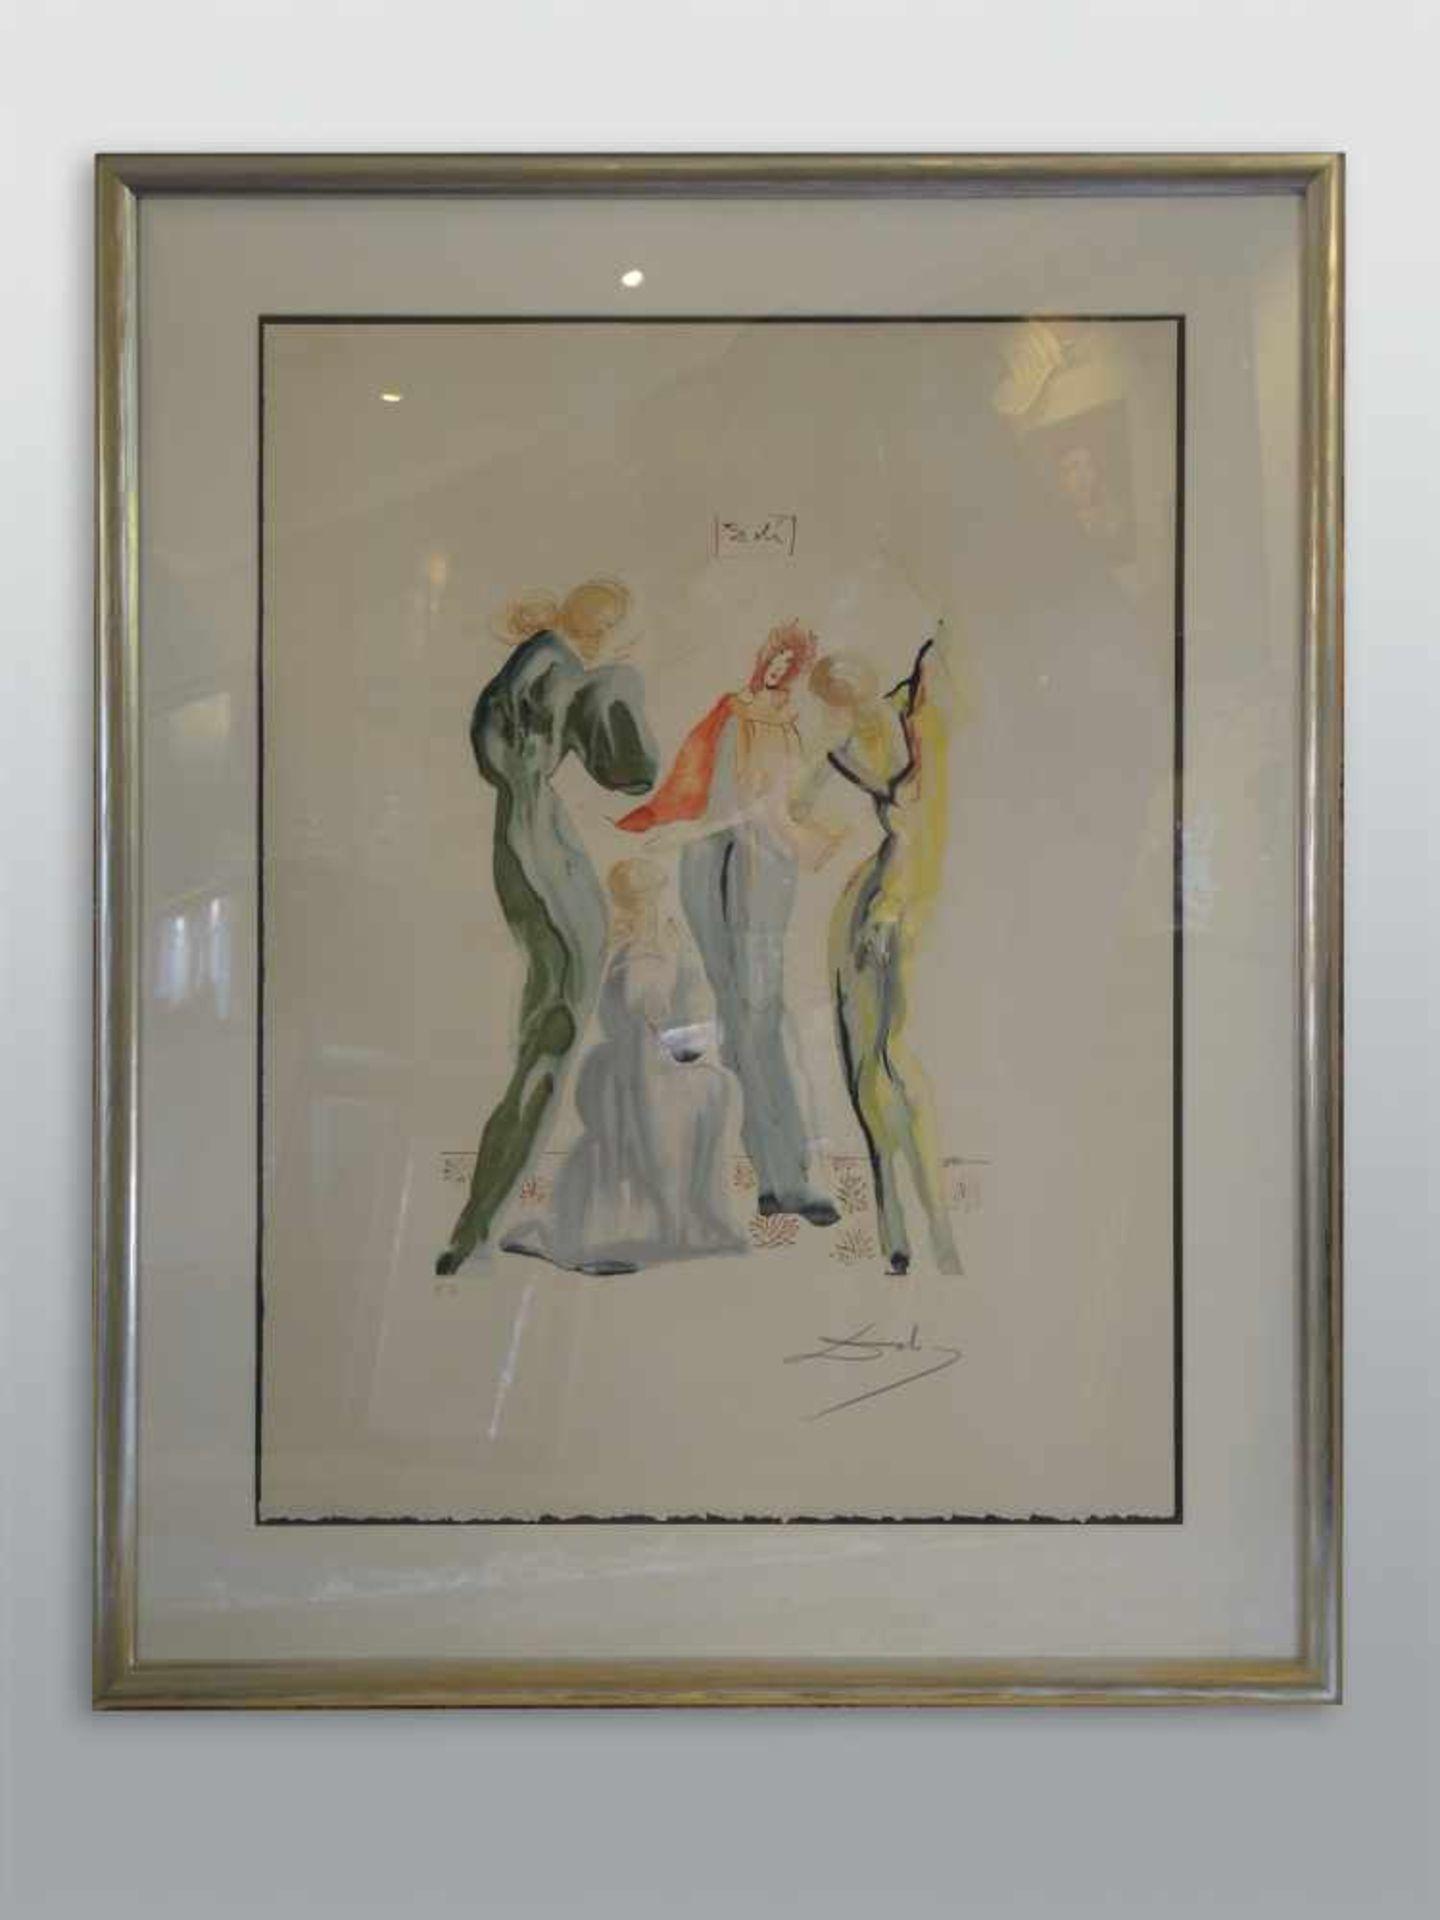 """Salvador Dalí, 1904 Figueres - 1989 ebenda Lithographie/Radierpapier. """"Le Dance"""" - Exemplar für - Bild 2 aus 2"""